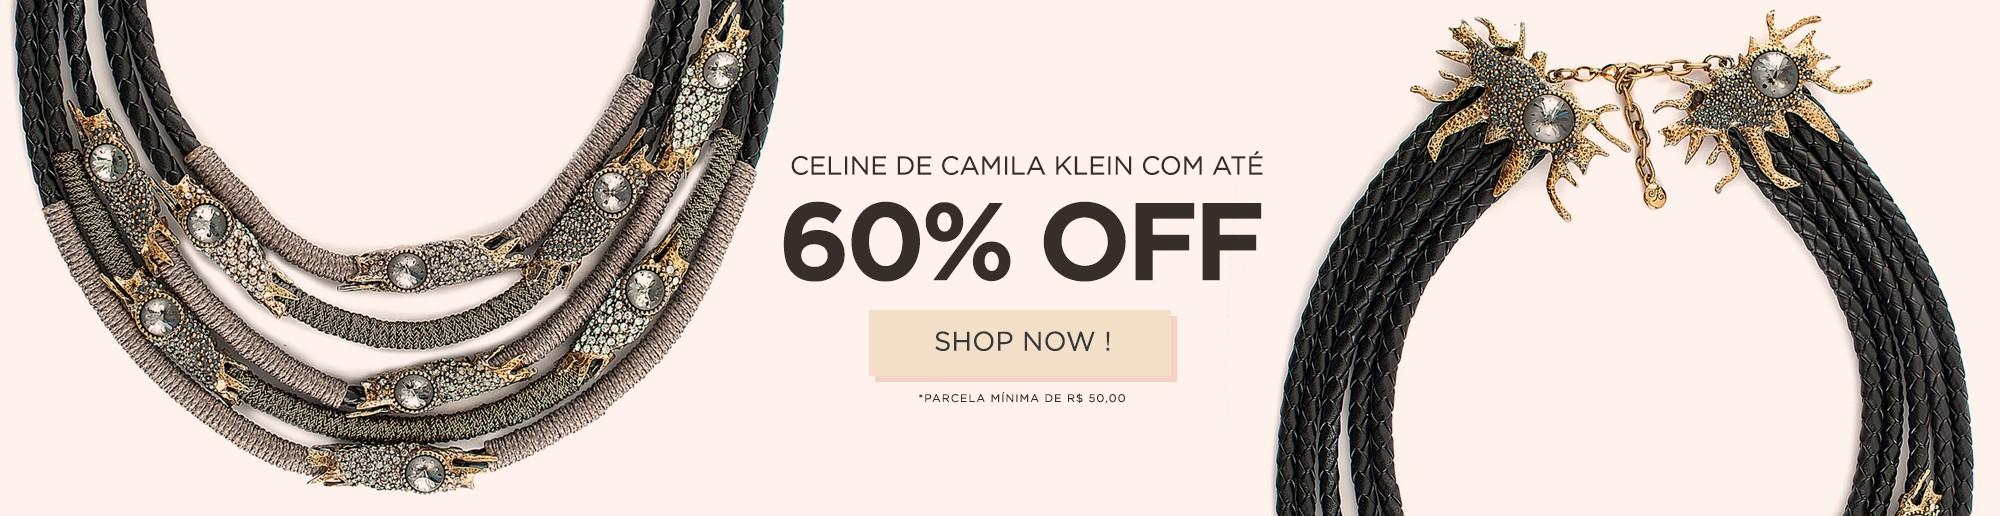 CAMILA KLEIN COM 60% OFF